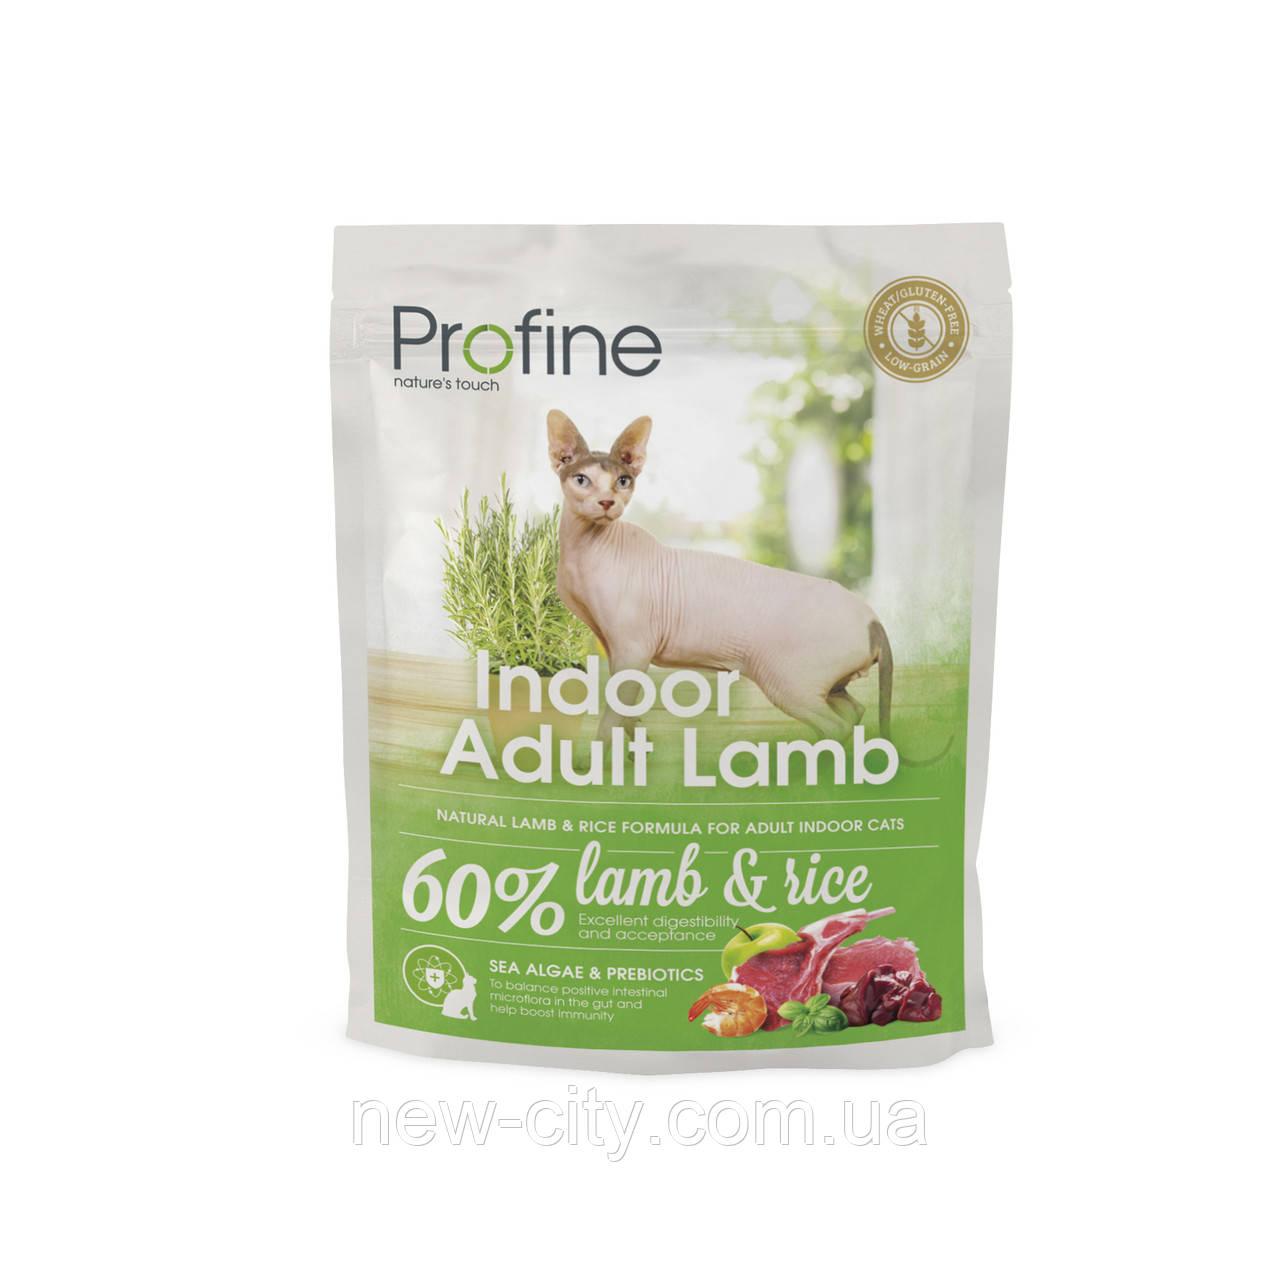 Profine Cat Indoor Adult Lamb 300g  корм для кошек